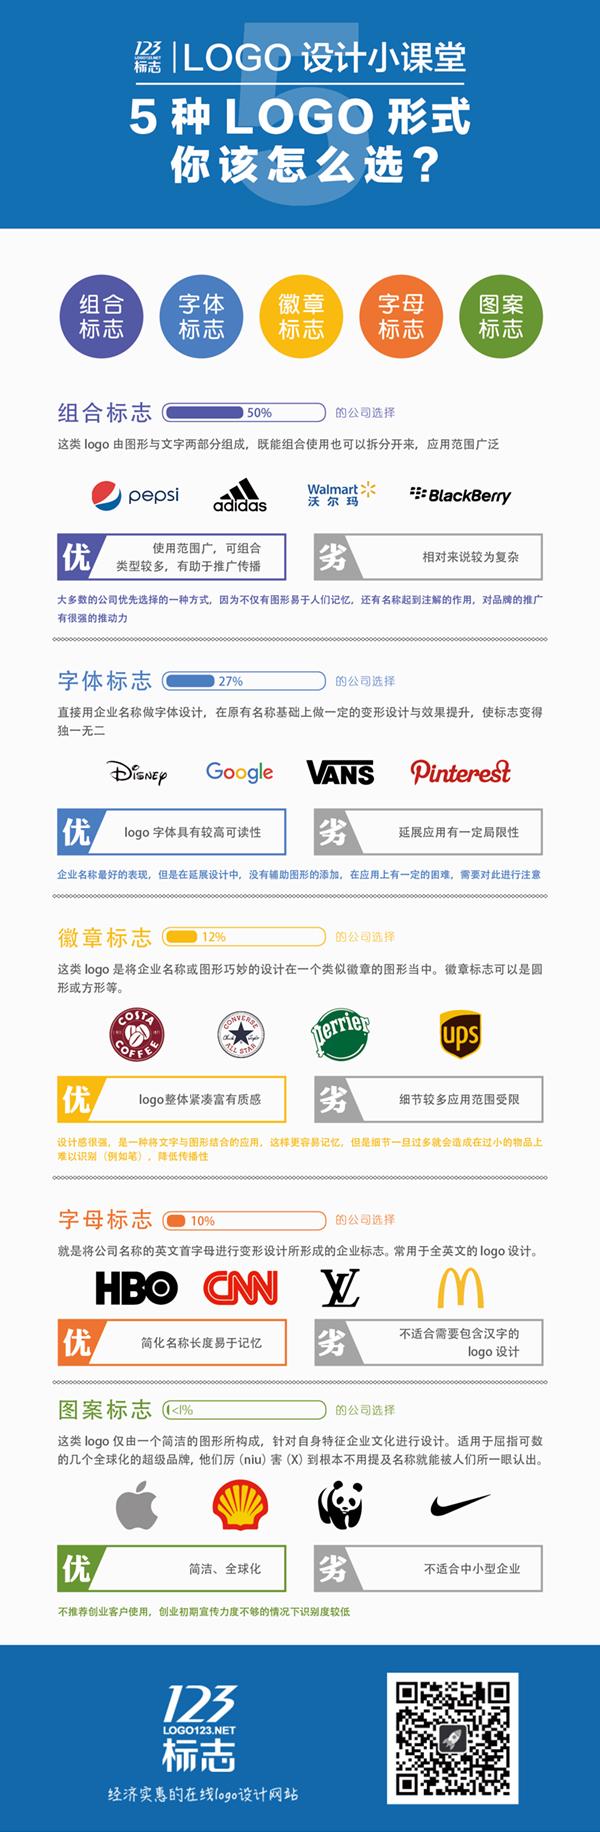 5种logo形式你该怎么选?123标志原创(客户)